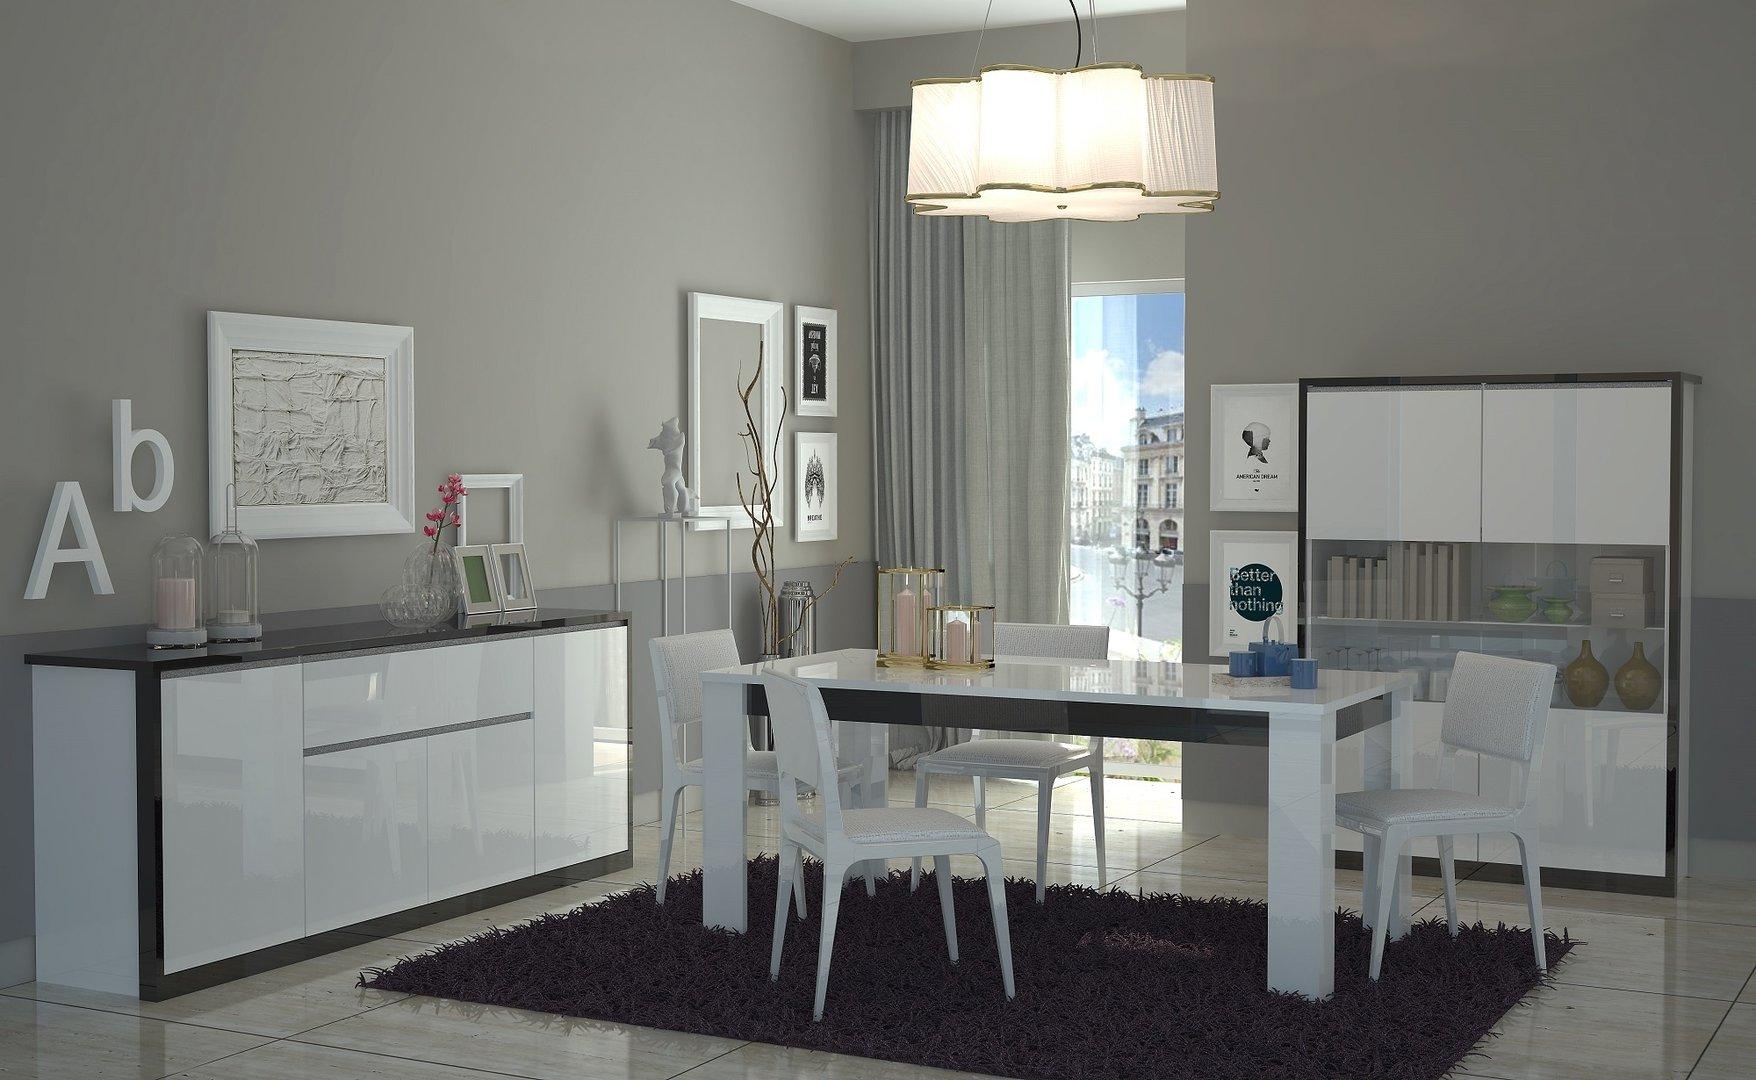 Tavolo bianco collezione avana mobile cucina sala da pranzo for Mobile tavolo